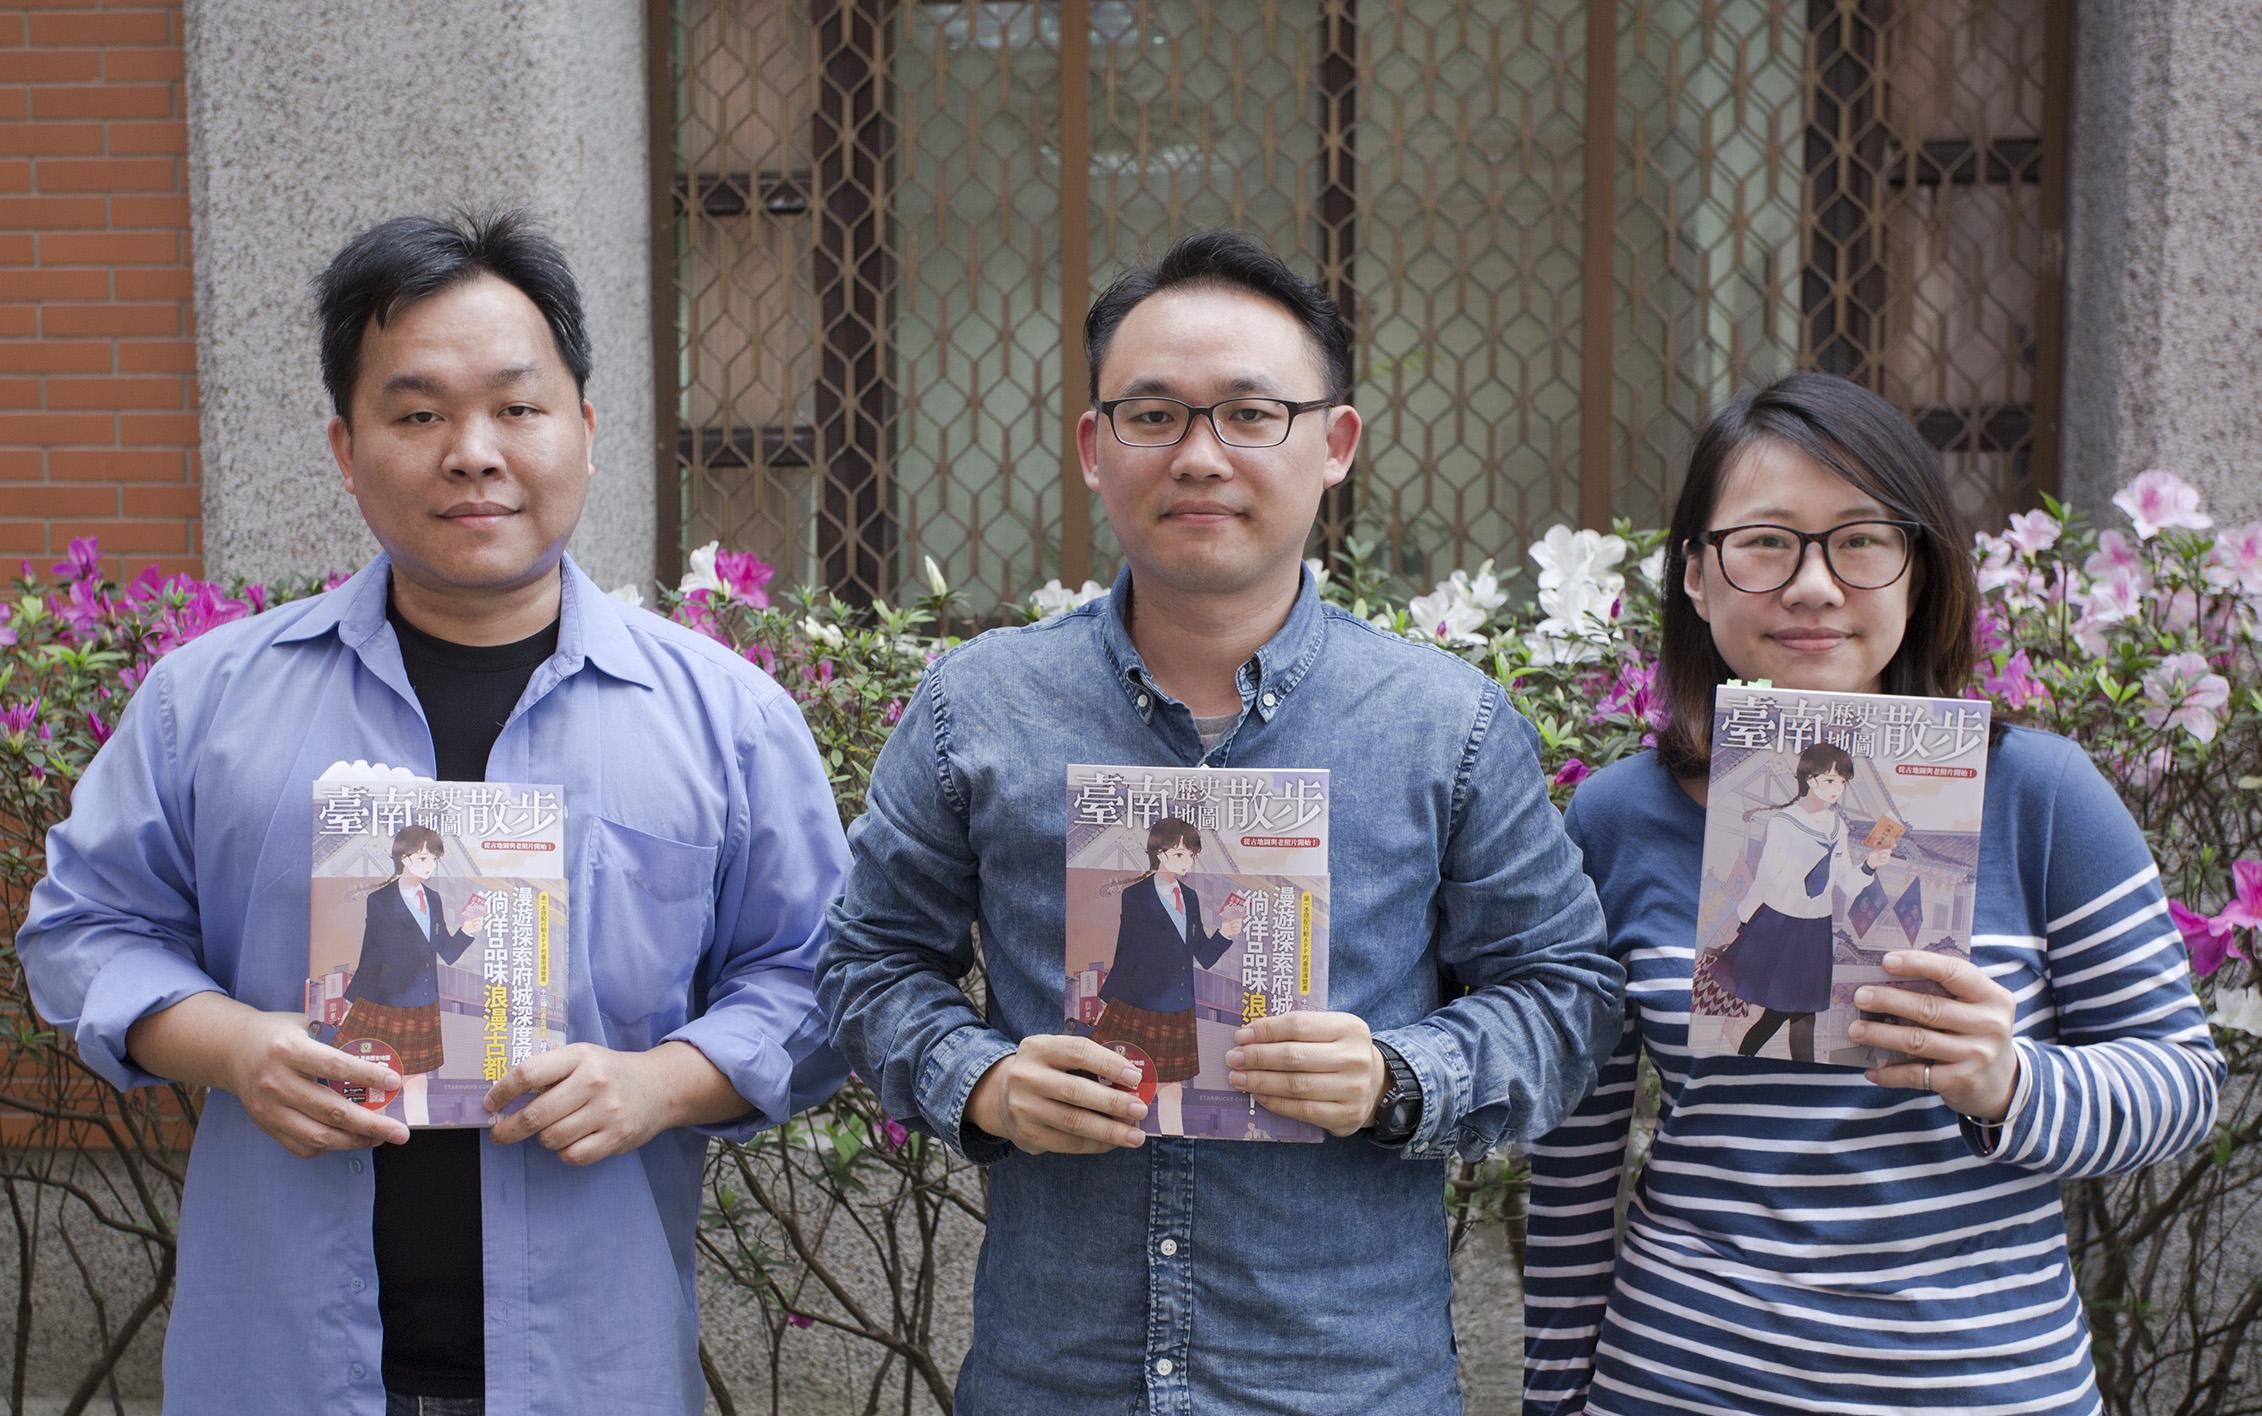 《臺南歷史地圖散步》團隊,由左至右分別為:編輯賴國峰、作者之一曾令毅、主編李佳卉。圖│研之有物